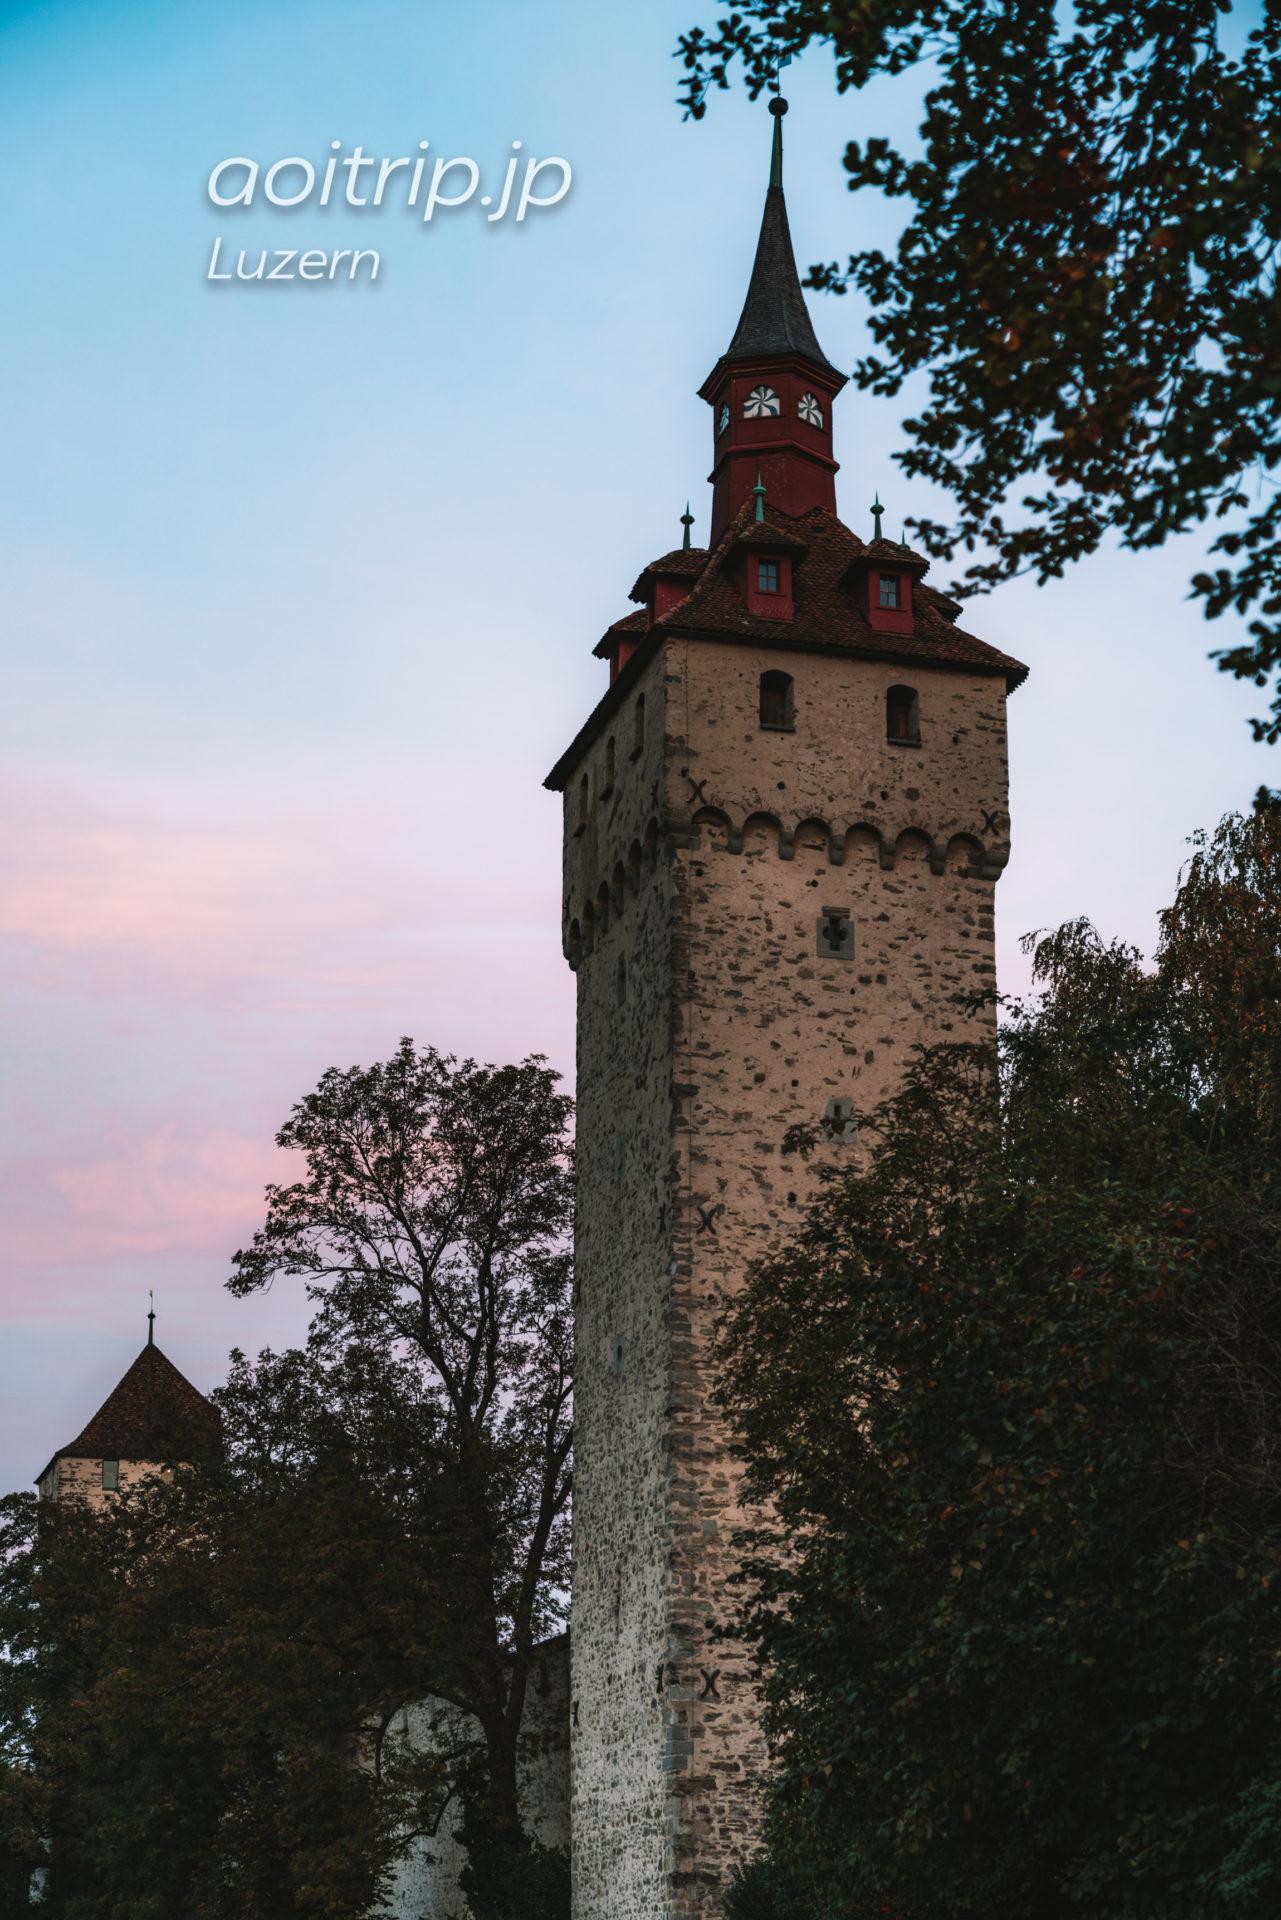 ルツェルンのムーゼック城壁 Wachtturm